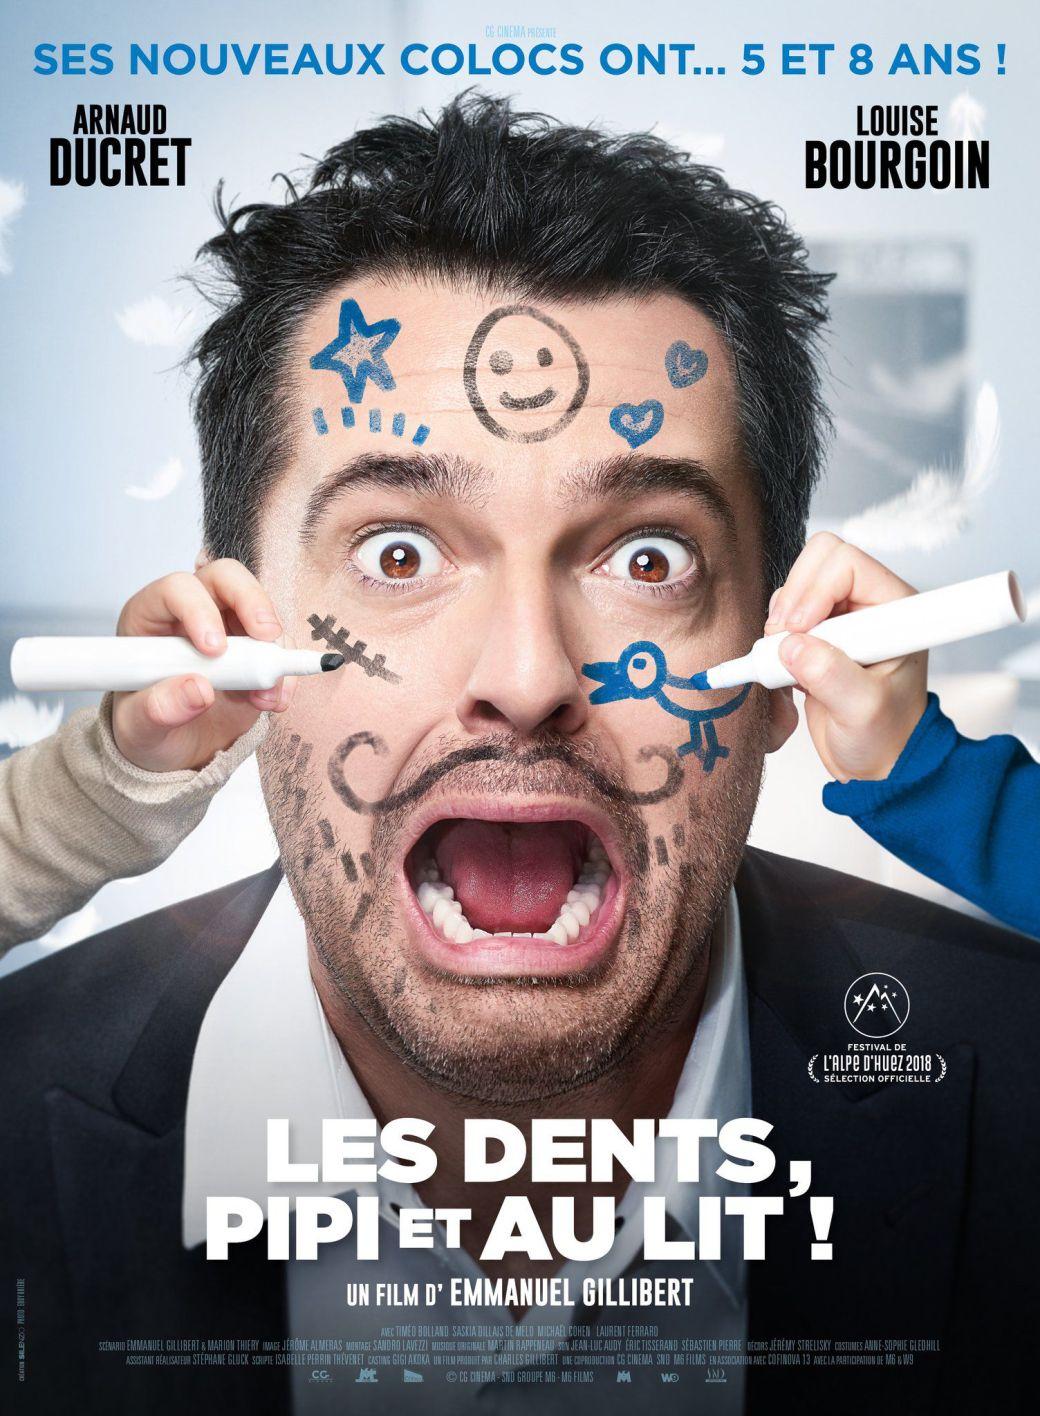 Les_Dents_pipi_et_au_lit